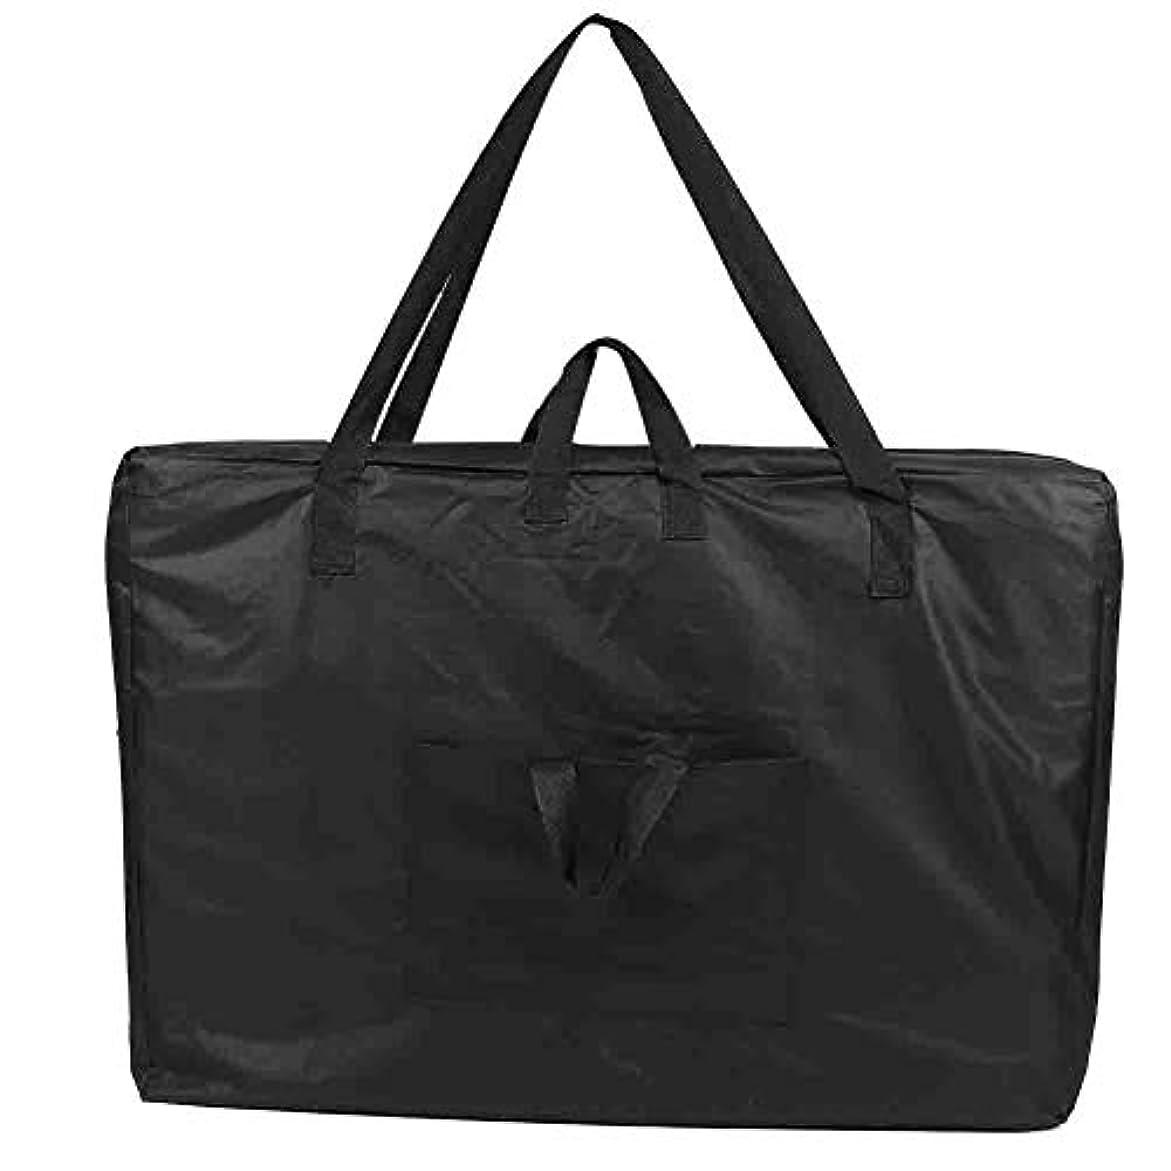 悪因子スケッチキリマンジャロlポータブルスパテーブルマッサージベッドキャリングバッグ